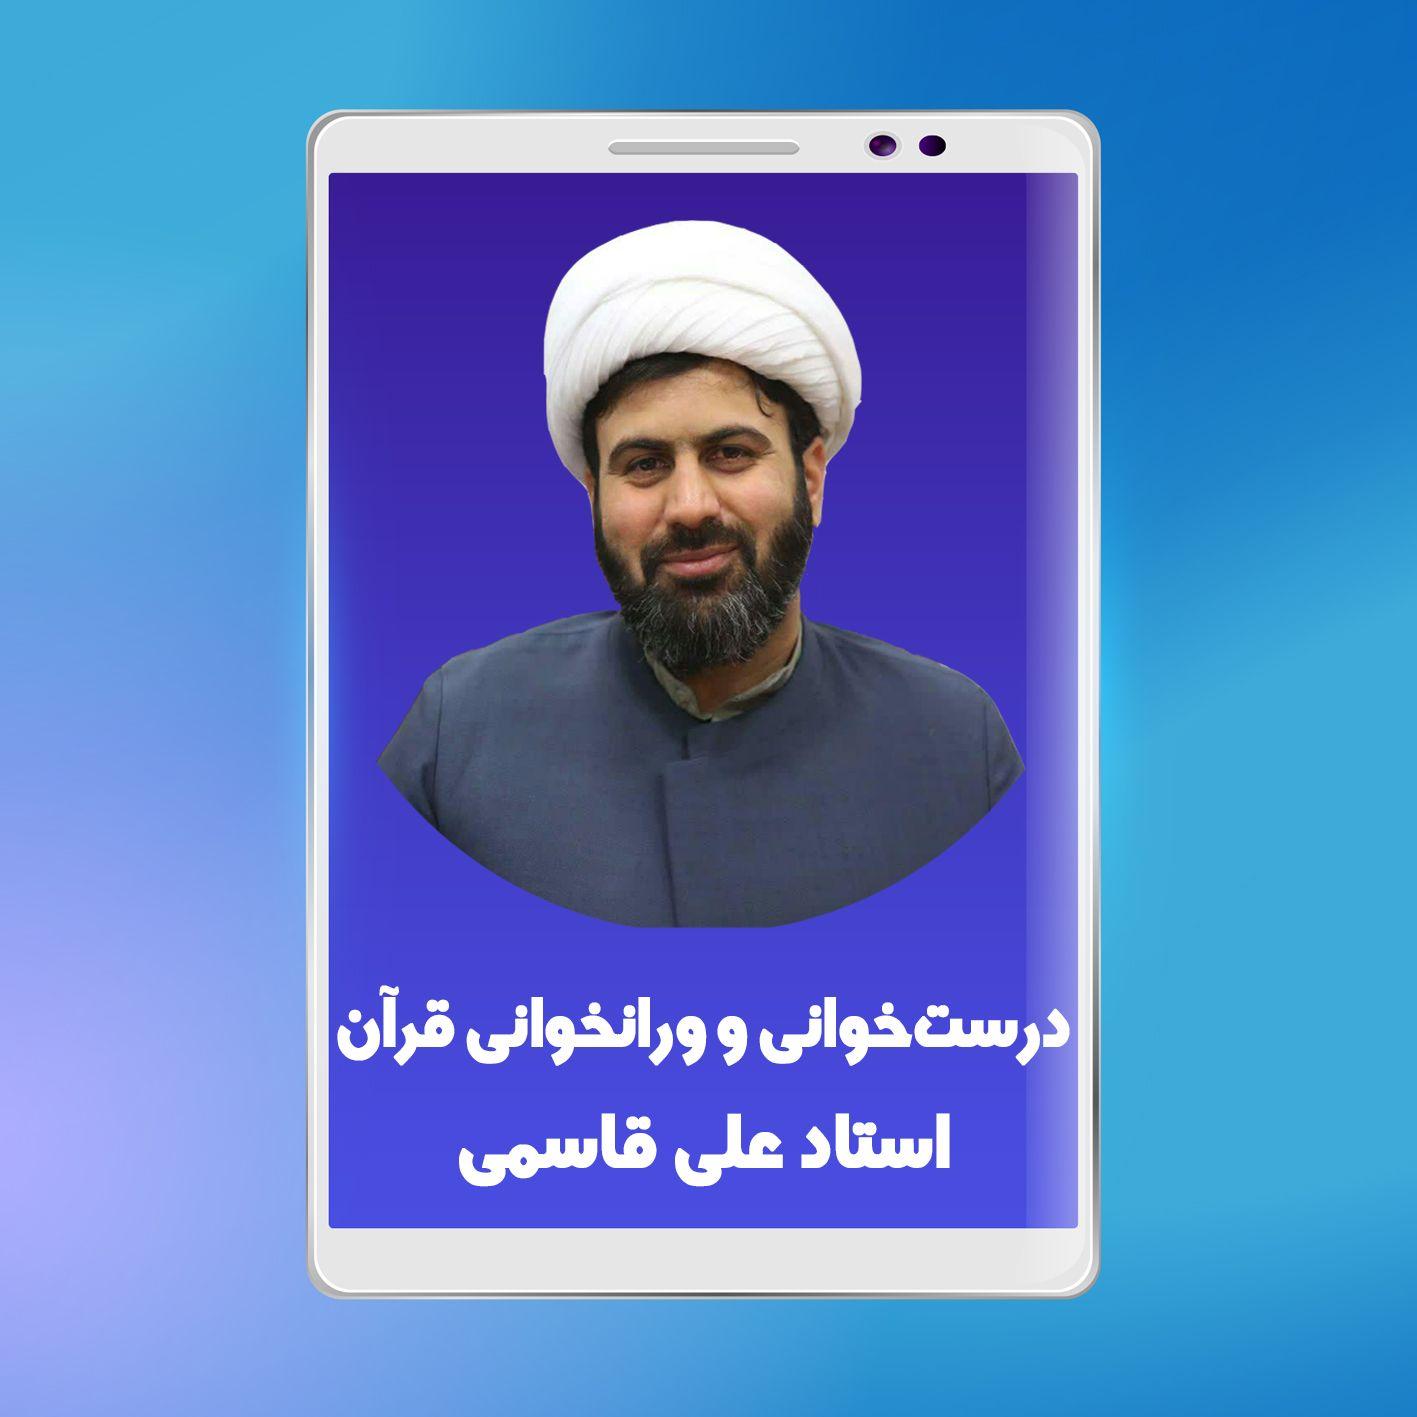 آموزش ویدیویی درستخوانی و روانخوانی قرآن